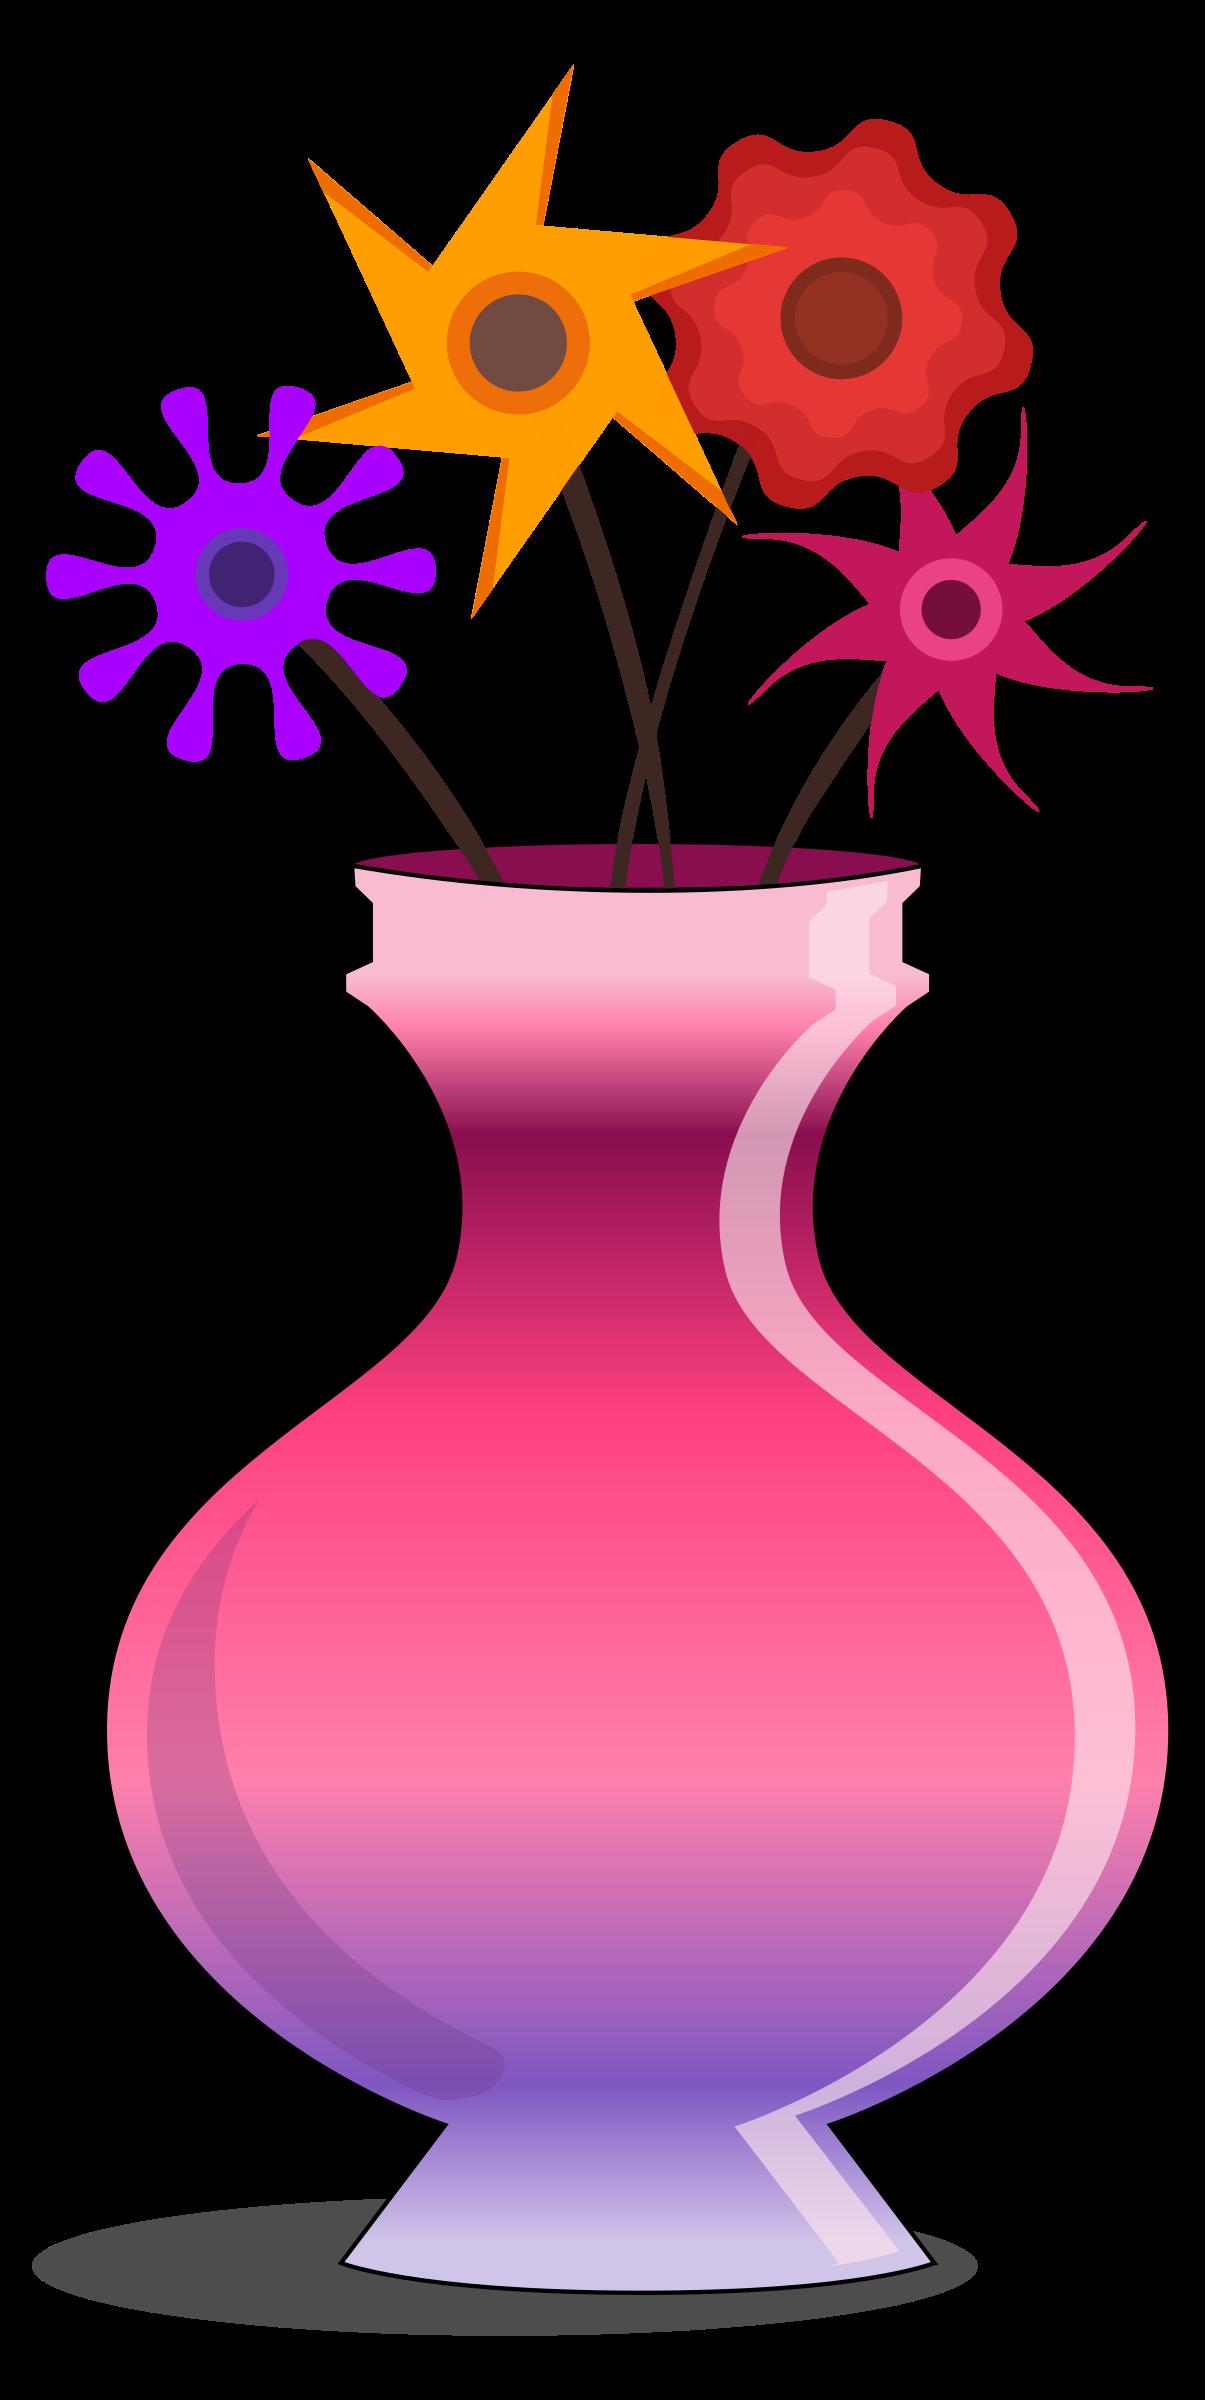 Clipart images vase, Clipart images vase Transparent FREE ...